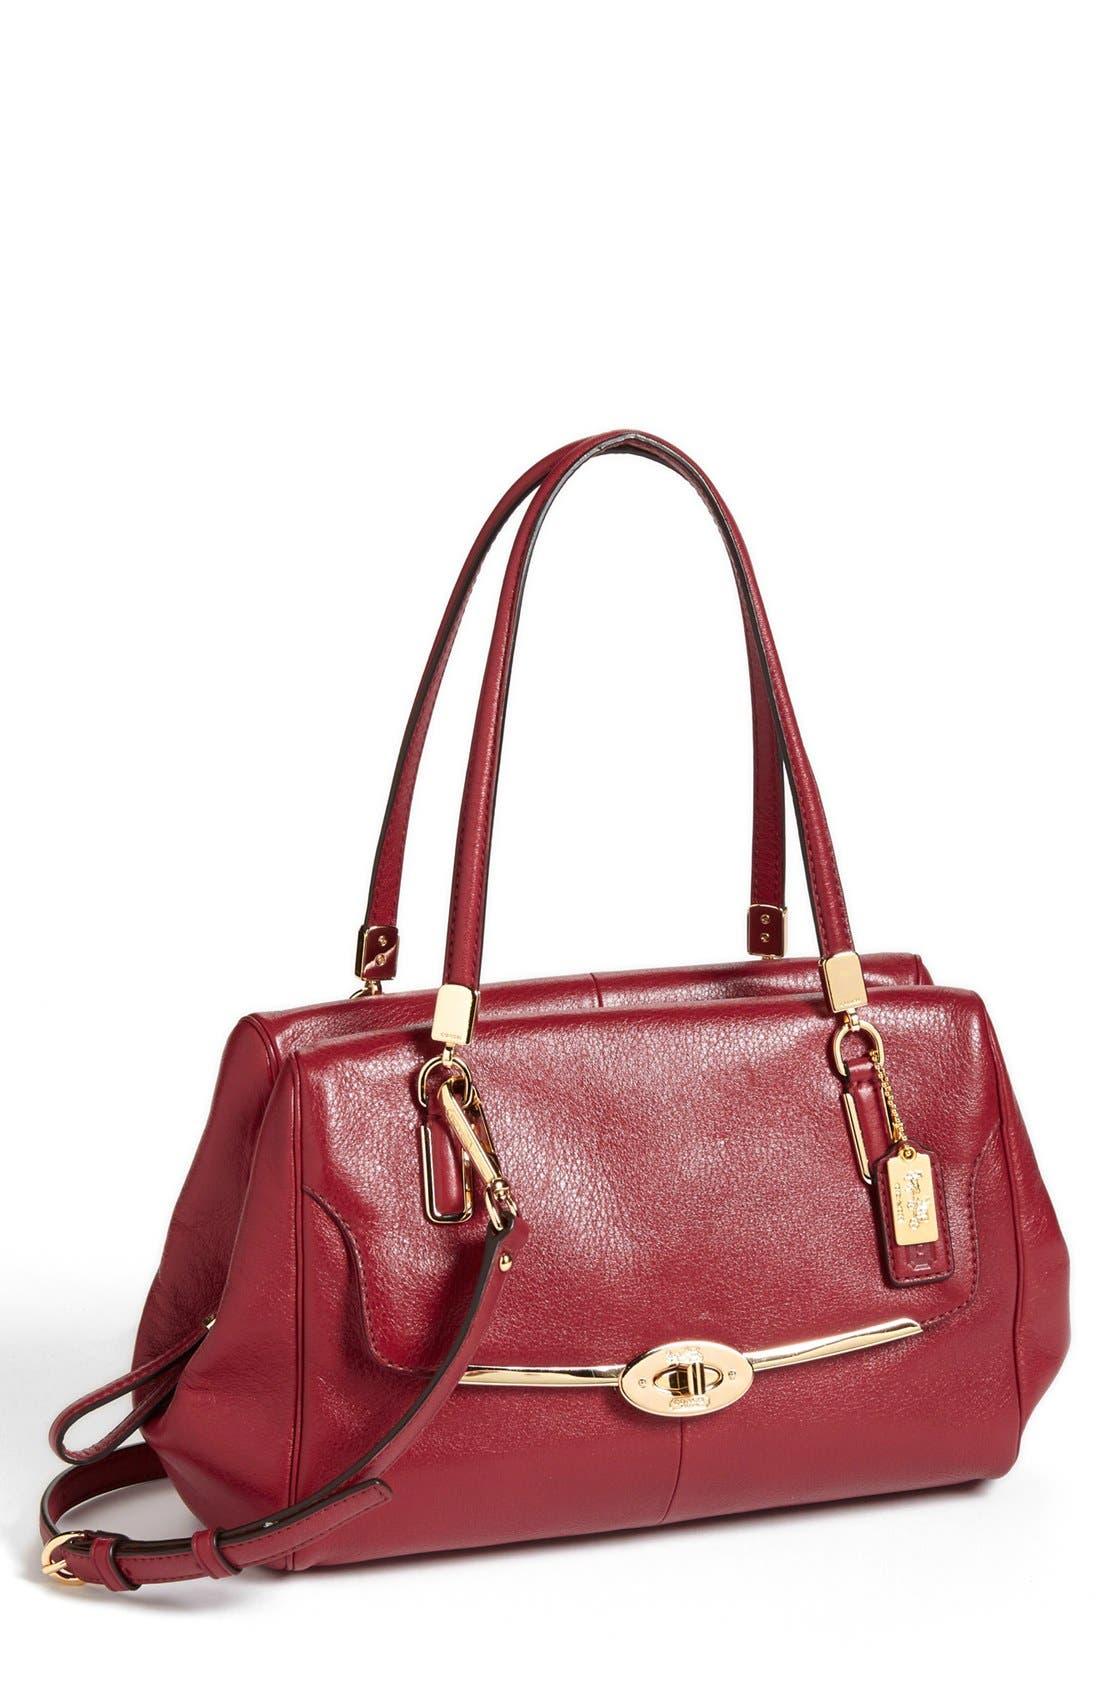 Main Image - COACH 'Madison' Leather Crossbody Bag